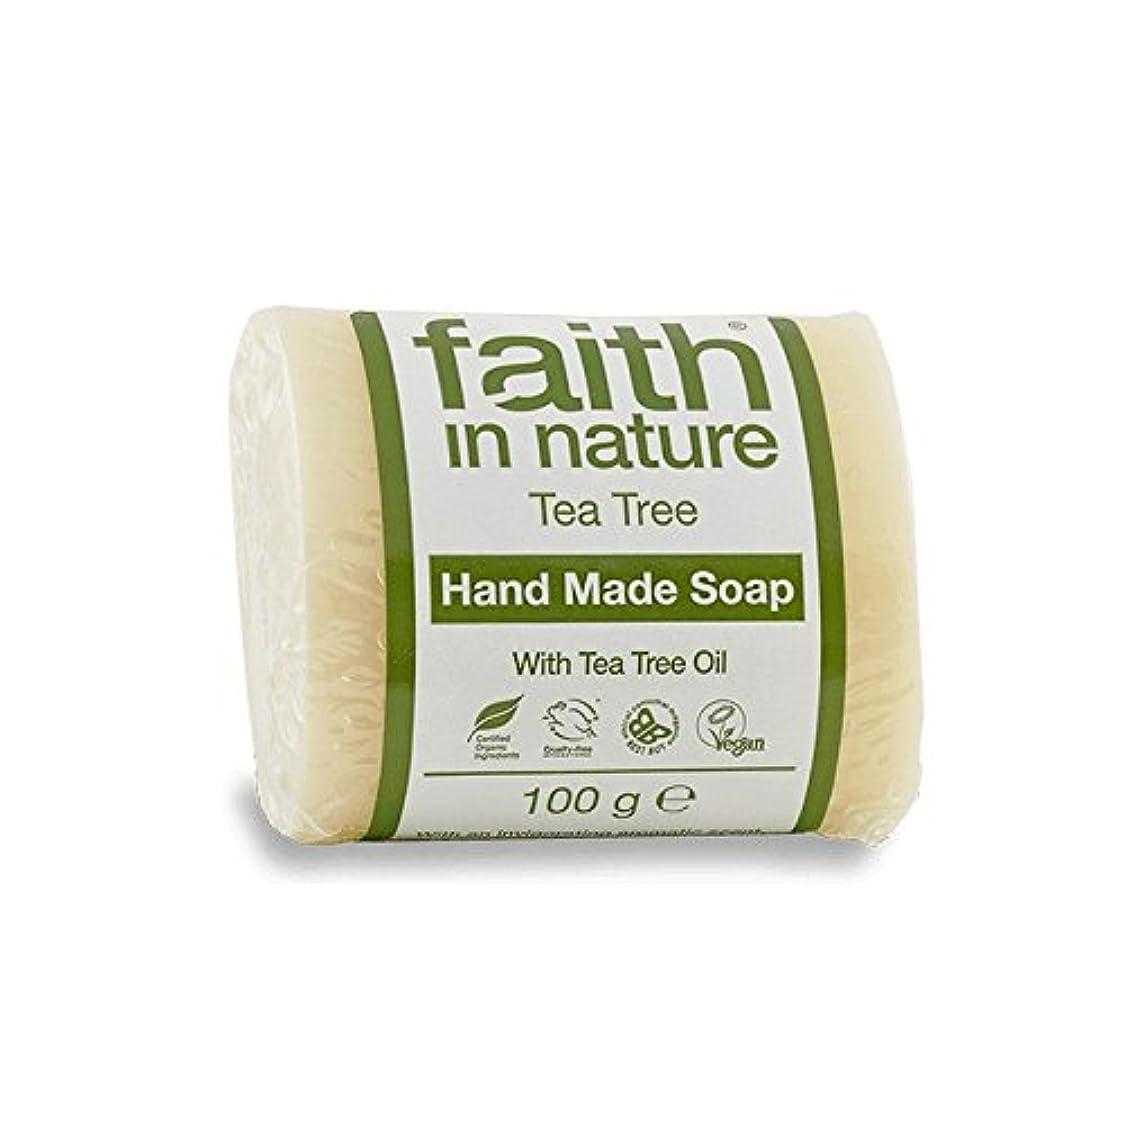 腐敗債務者大人自然のティーツリーソープ100グラムの信仰 - Faith in Nature Tea Tree Soap 100g (Faith in Nature) [並行輸入品]